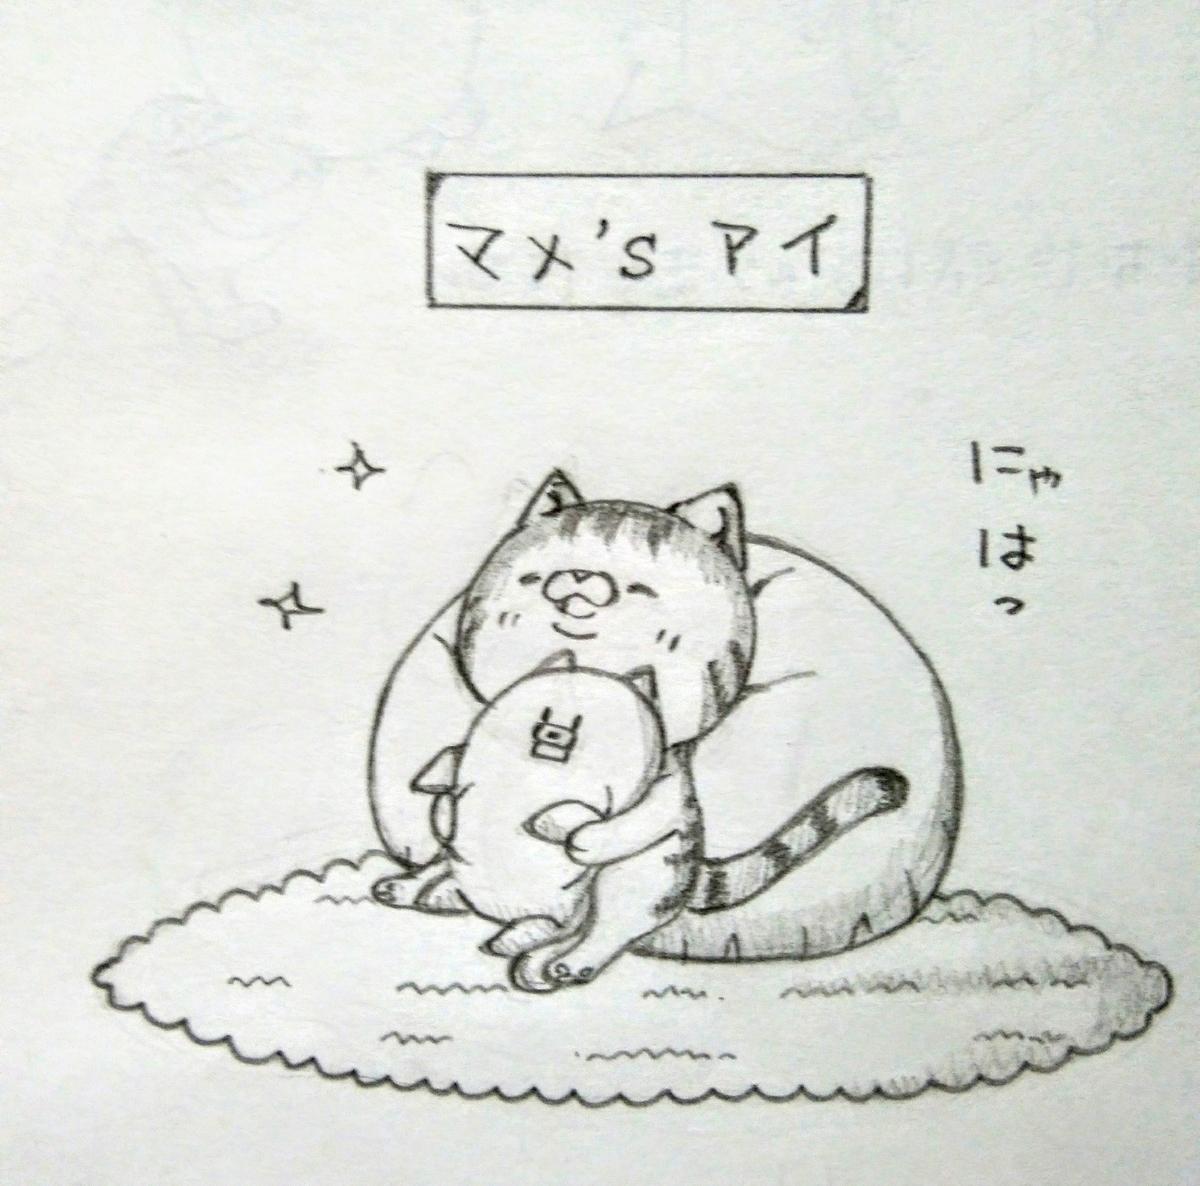 f:id:maricats:20200903235359j:plain